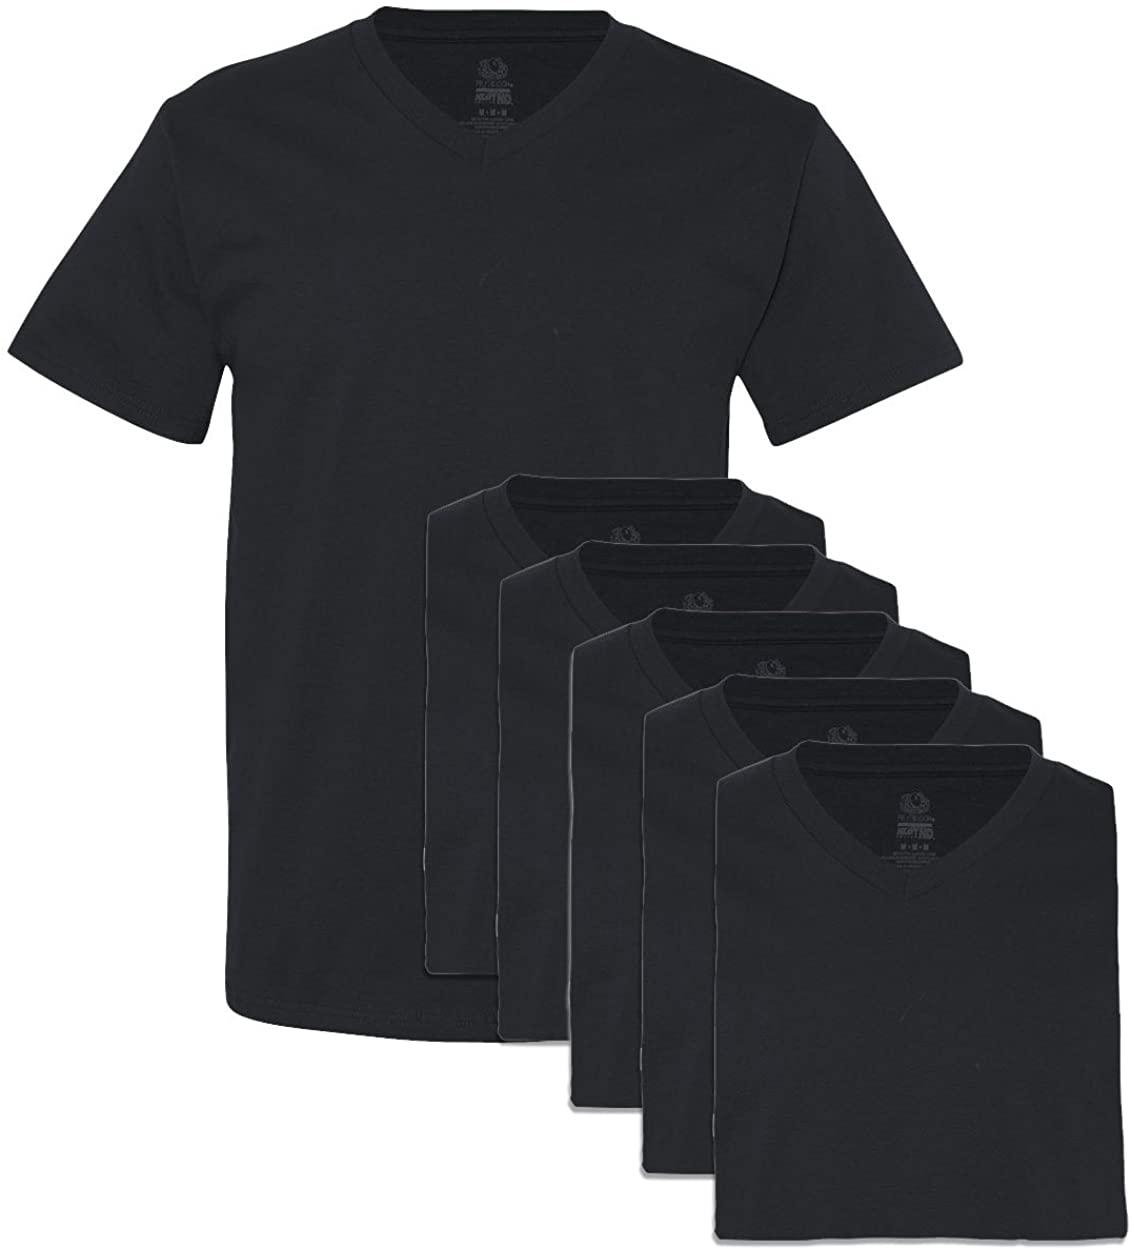 Fruit of the Loom Men's 6 Pack V-Neck T-Shirt, Black, XX-Large